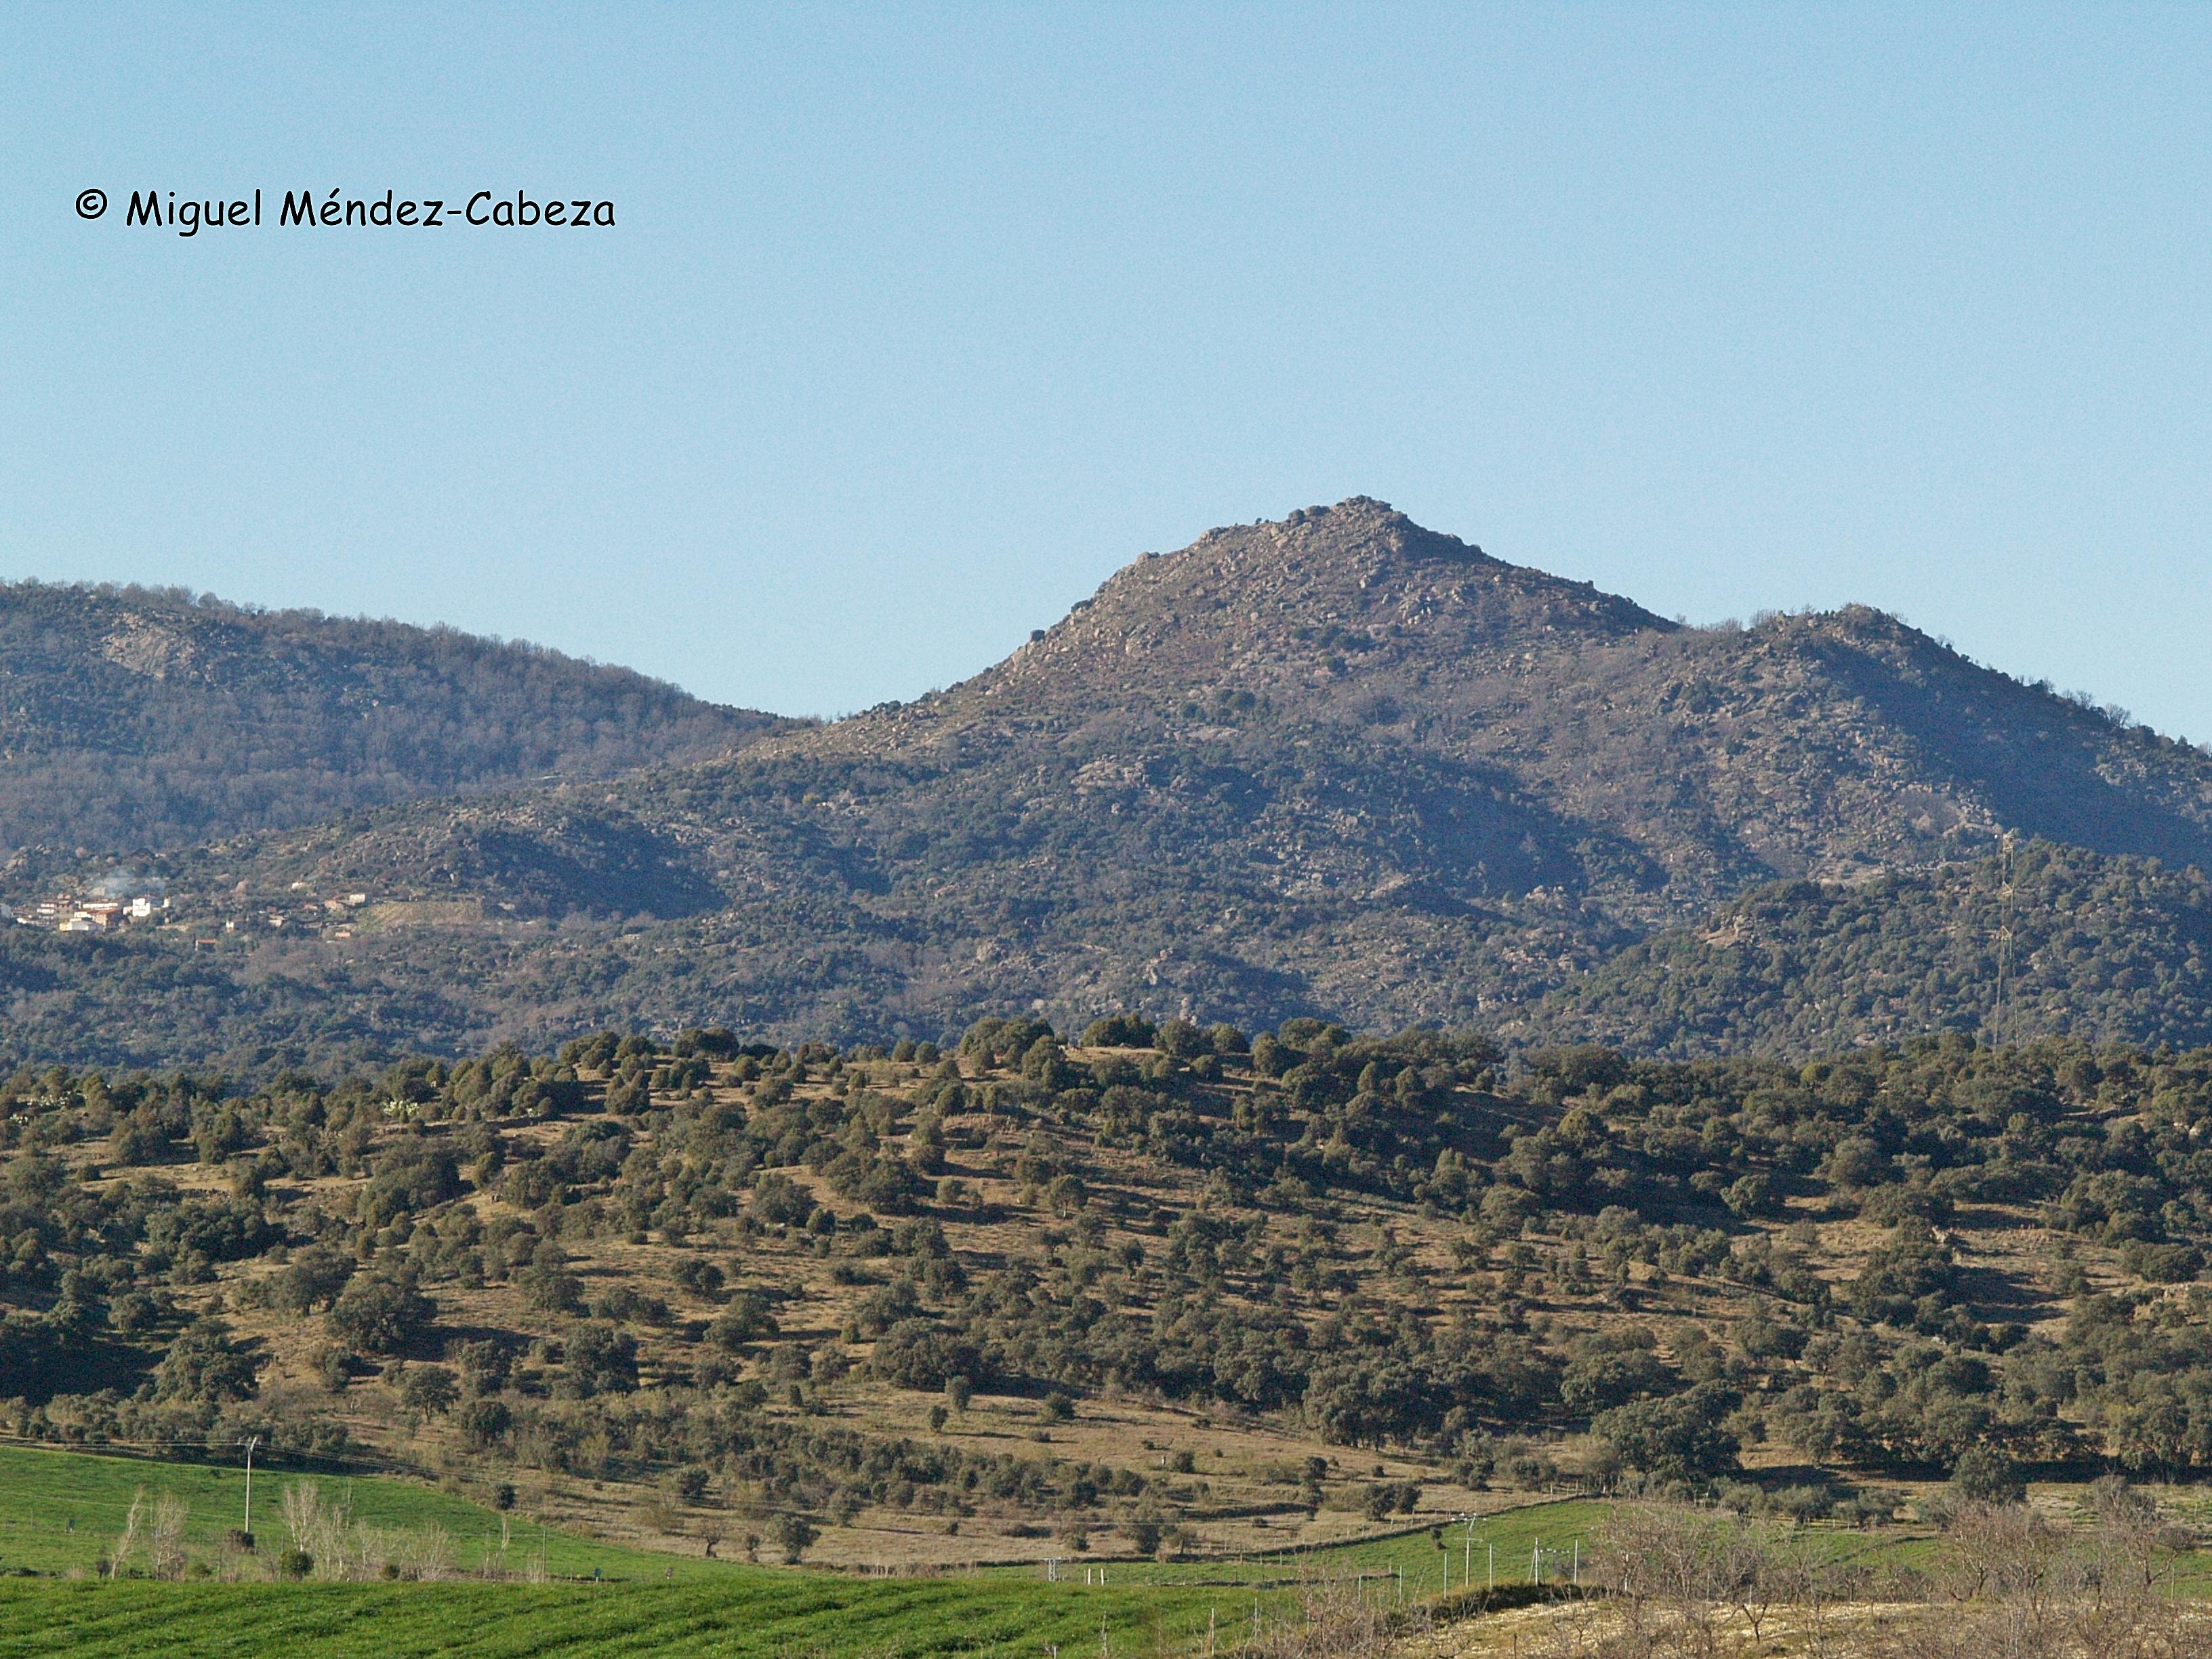 Uno de los yacimientos de la Edad del Bronce se sitúa en la cumbre del Cerro del Oso en la Sierra de San Vicente